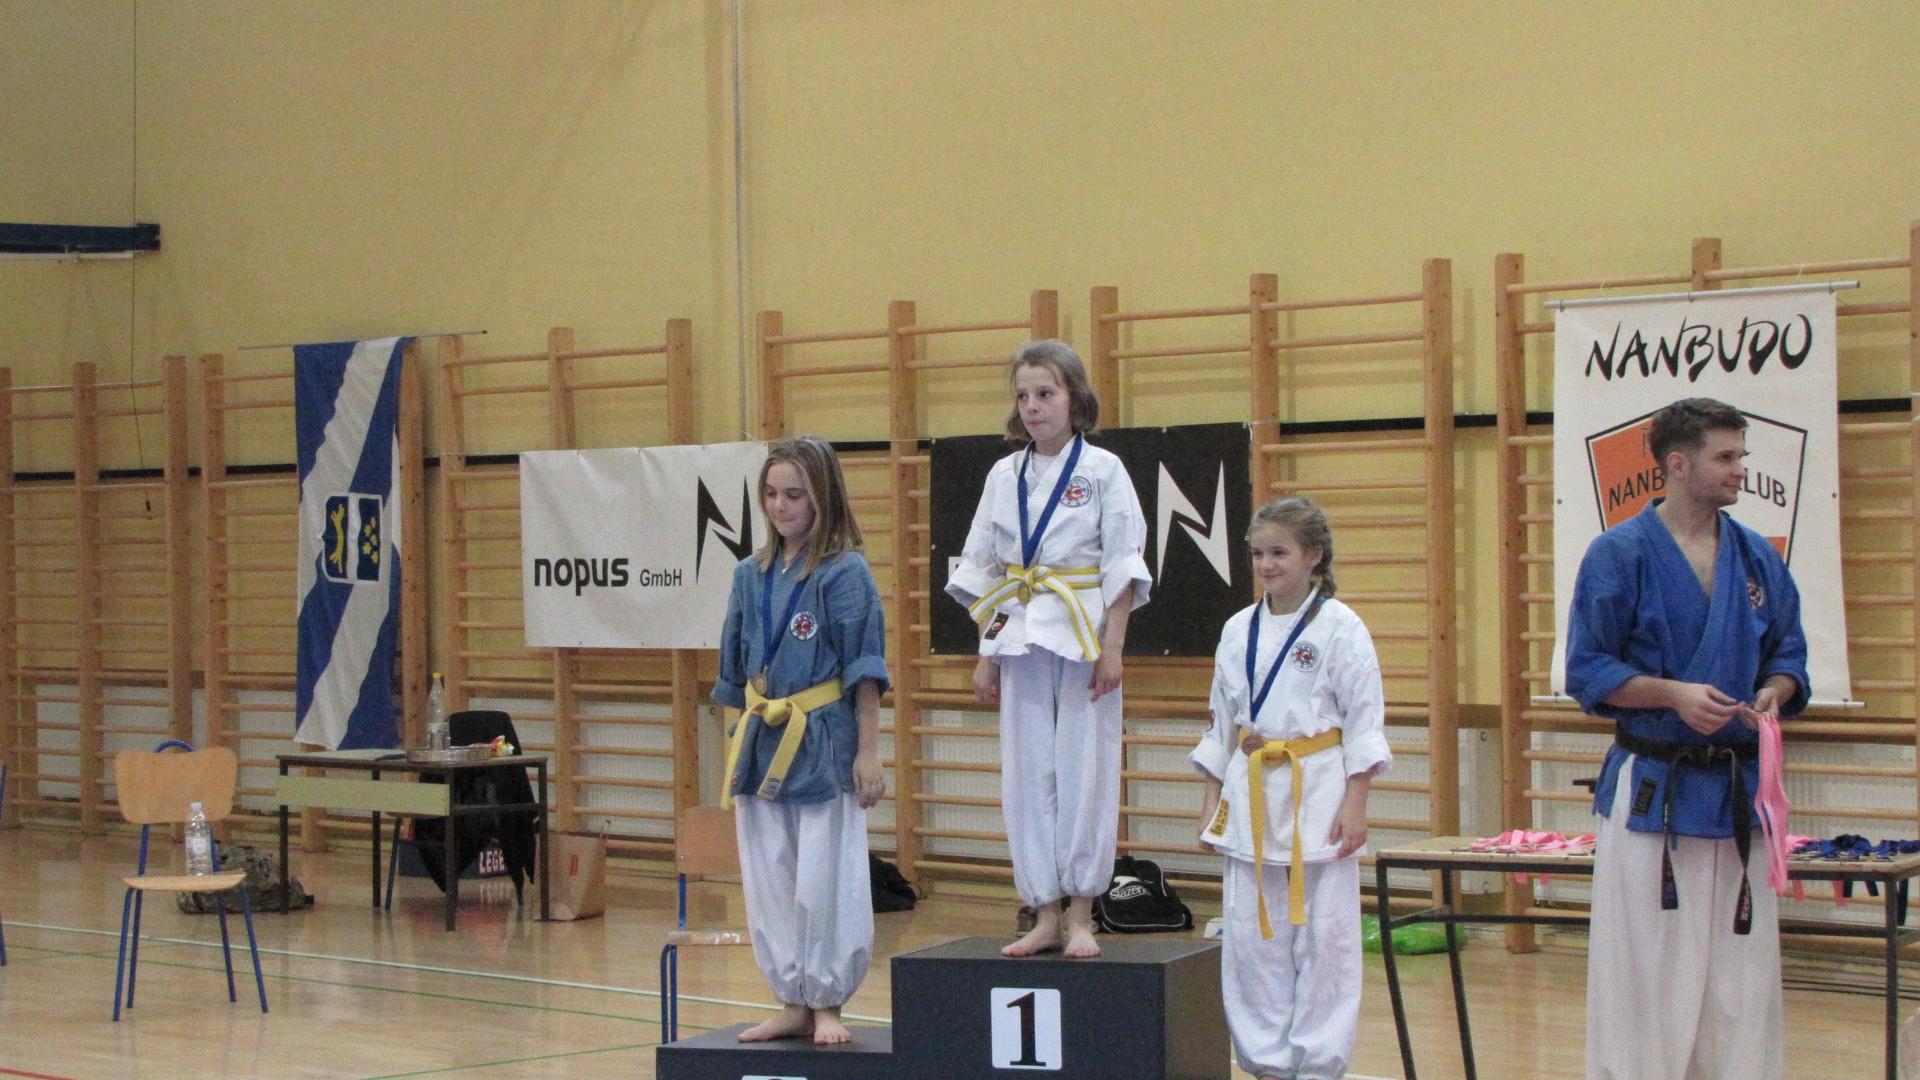 23 medalje za Nanbudo klub M. Bistrica 3